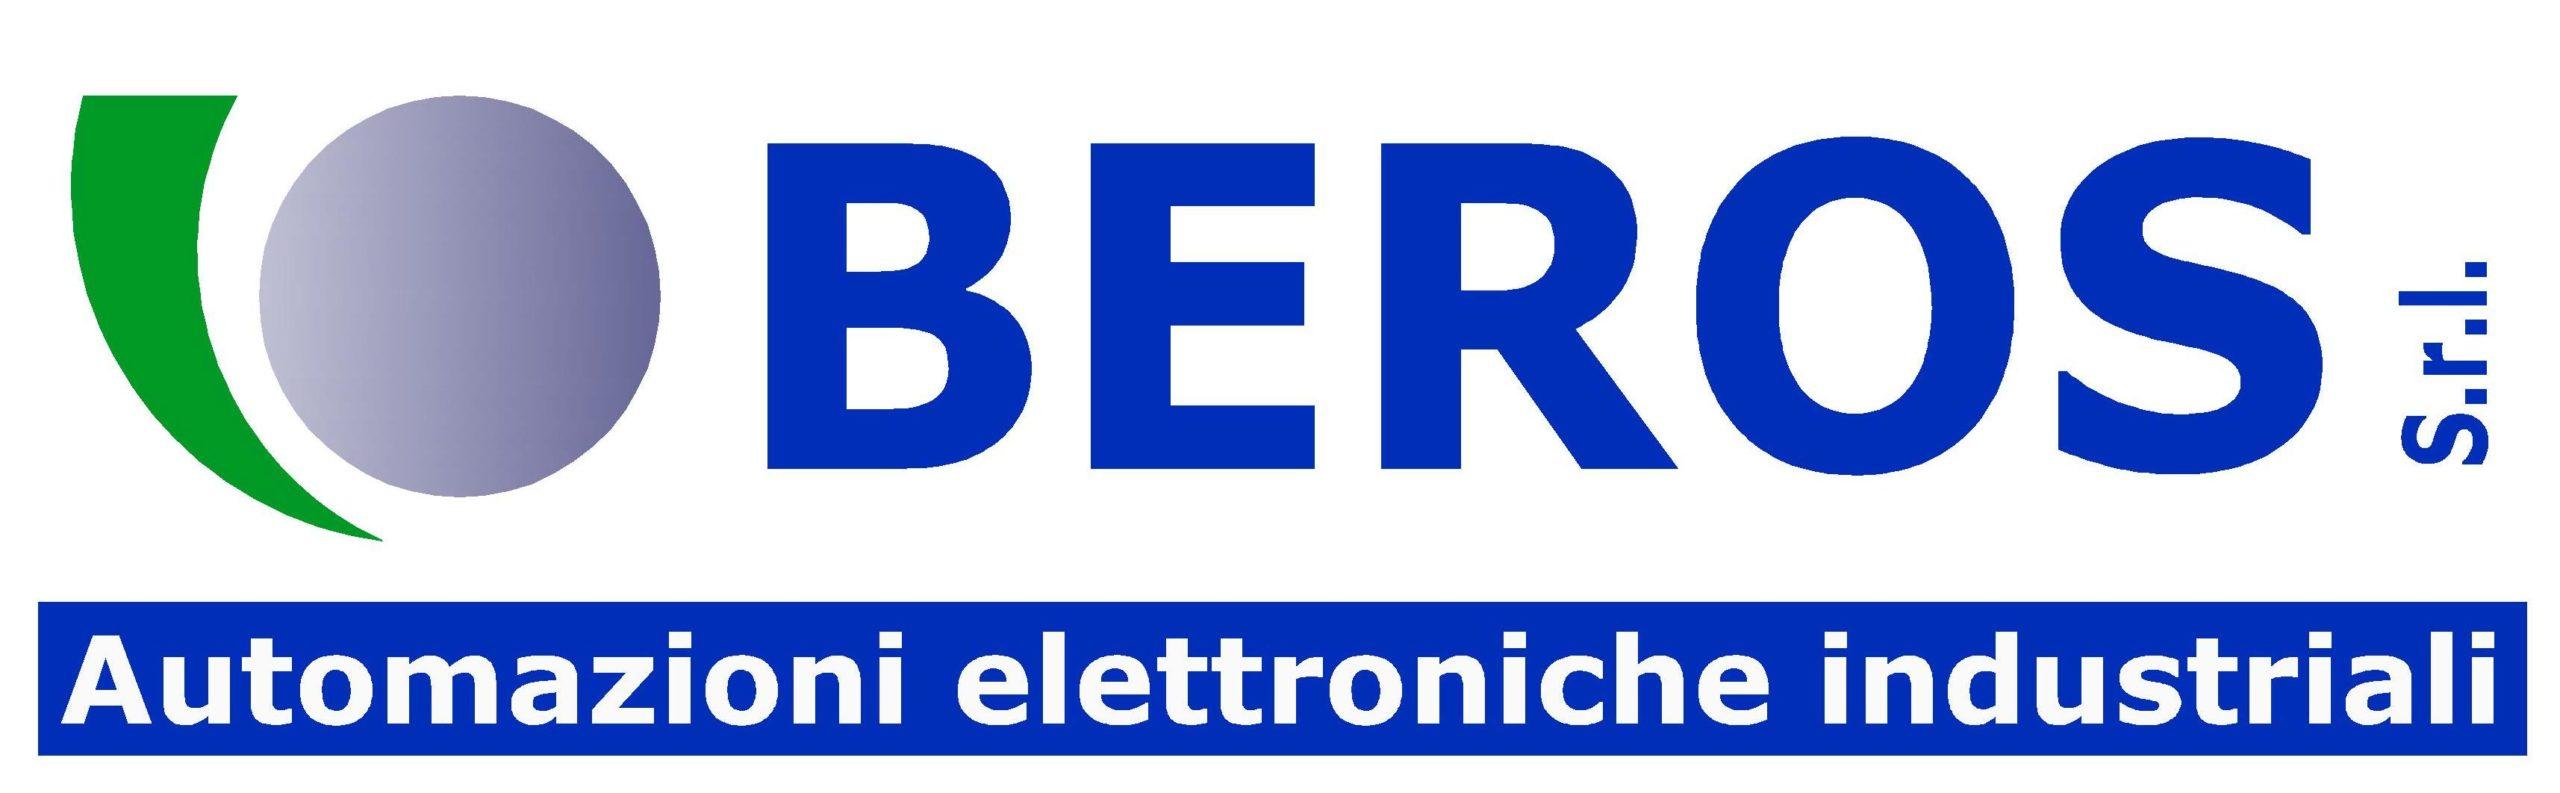 Beros